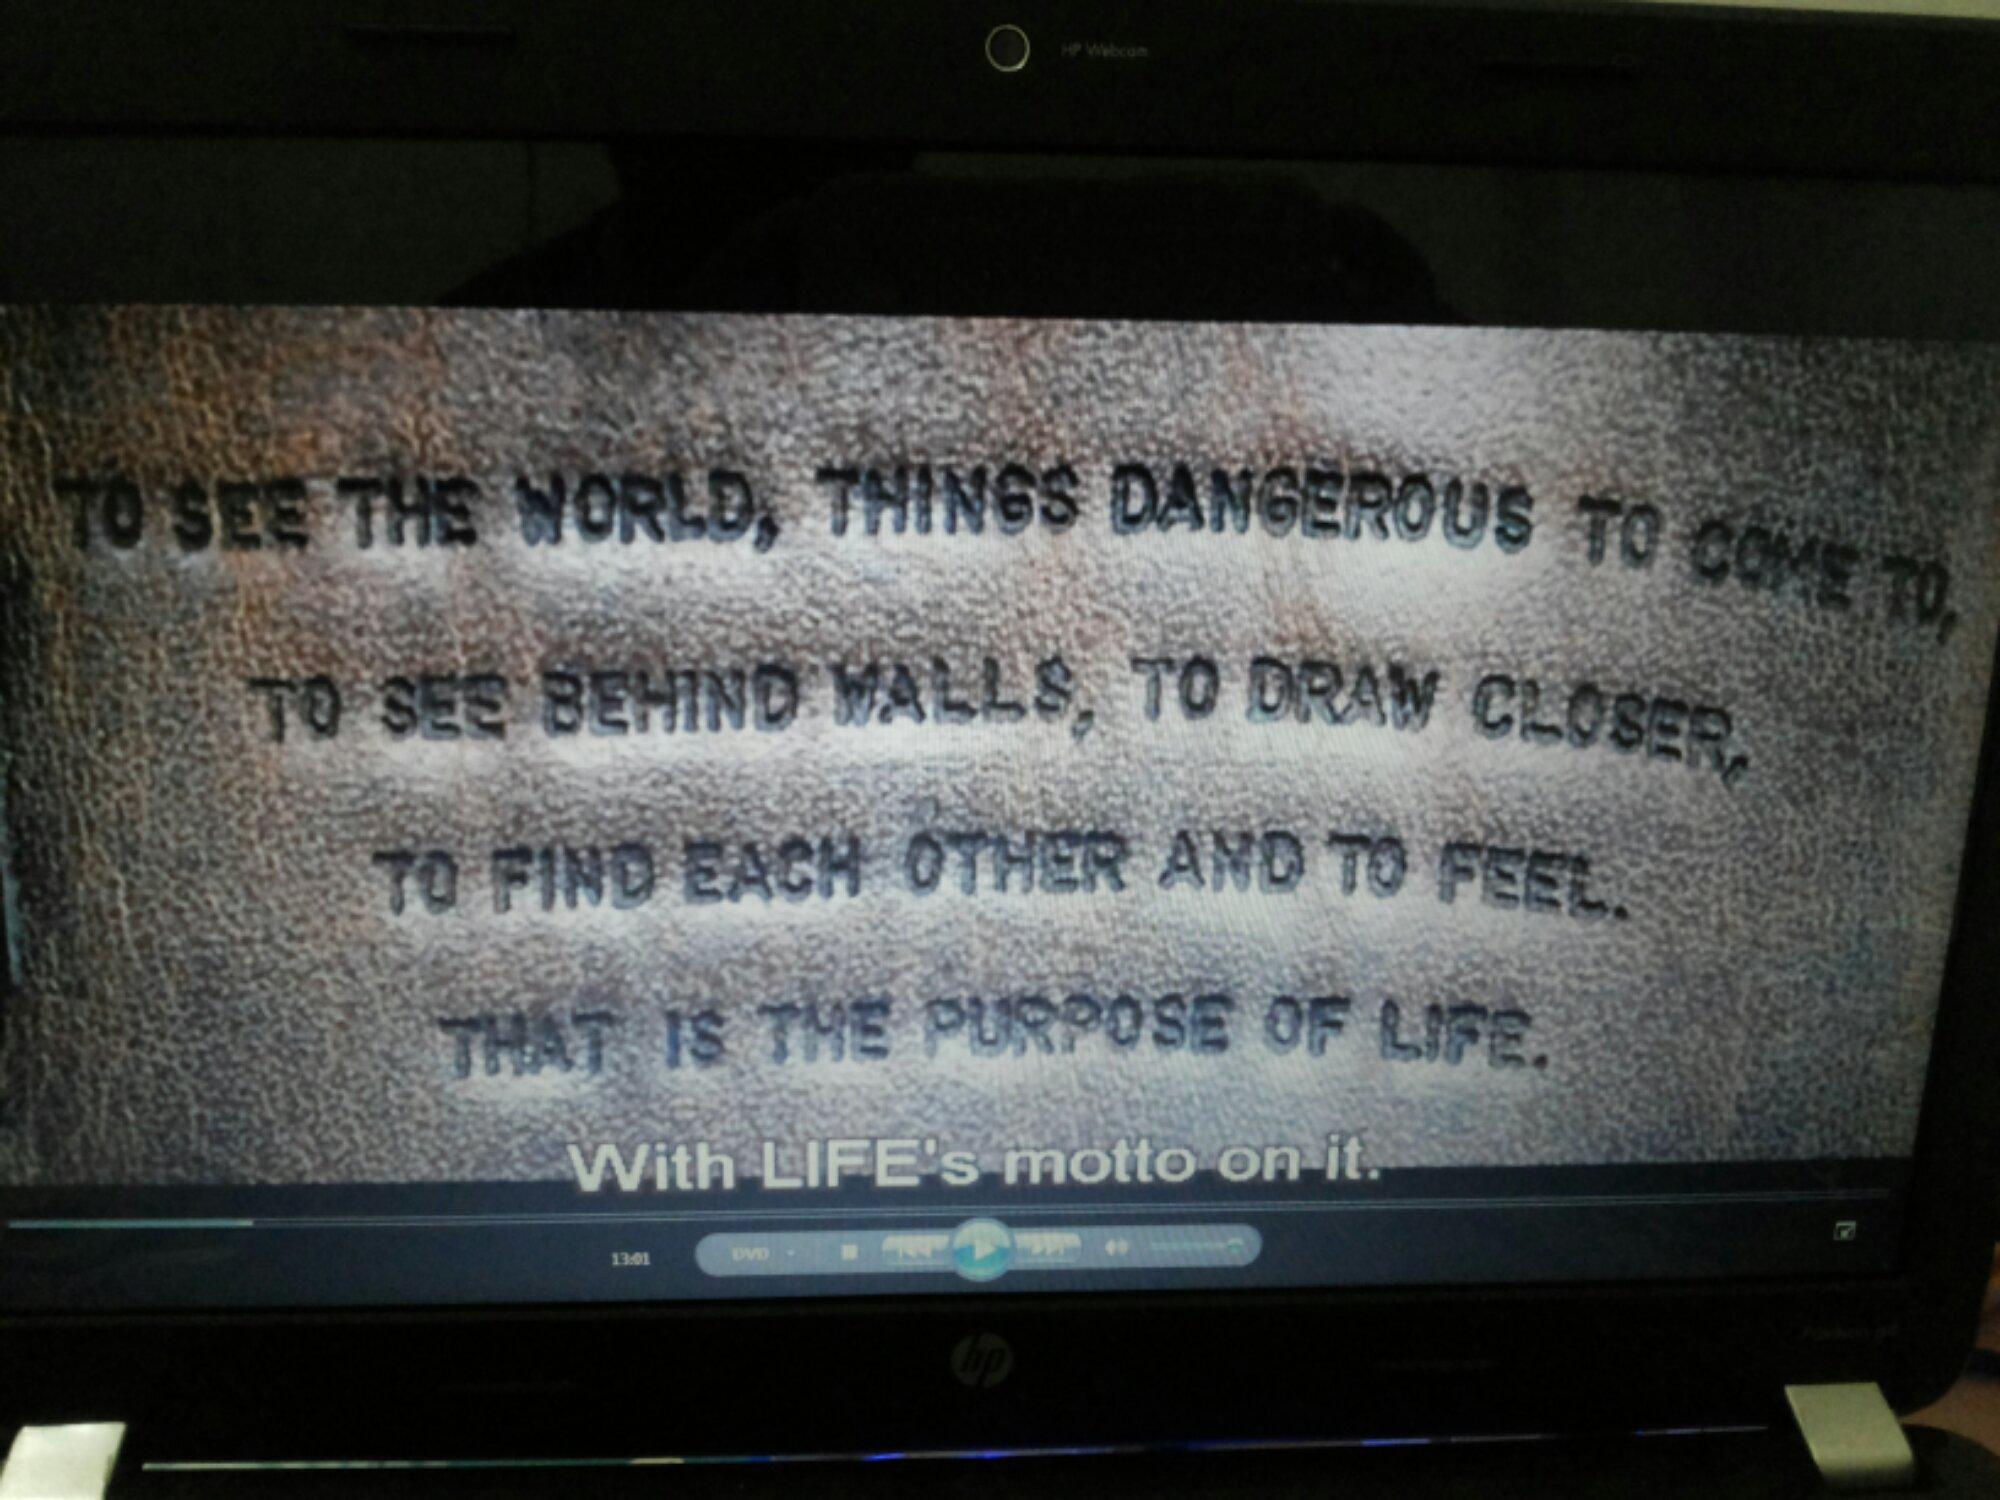 Tujuan Hidup Purpose of Life